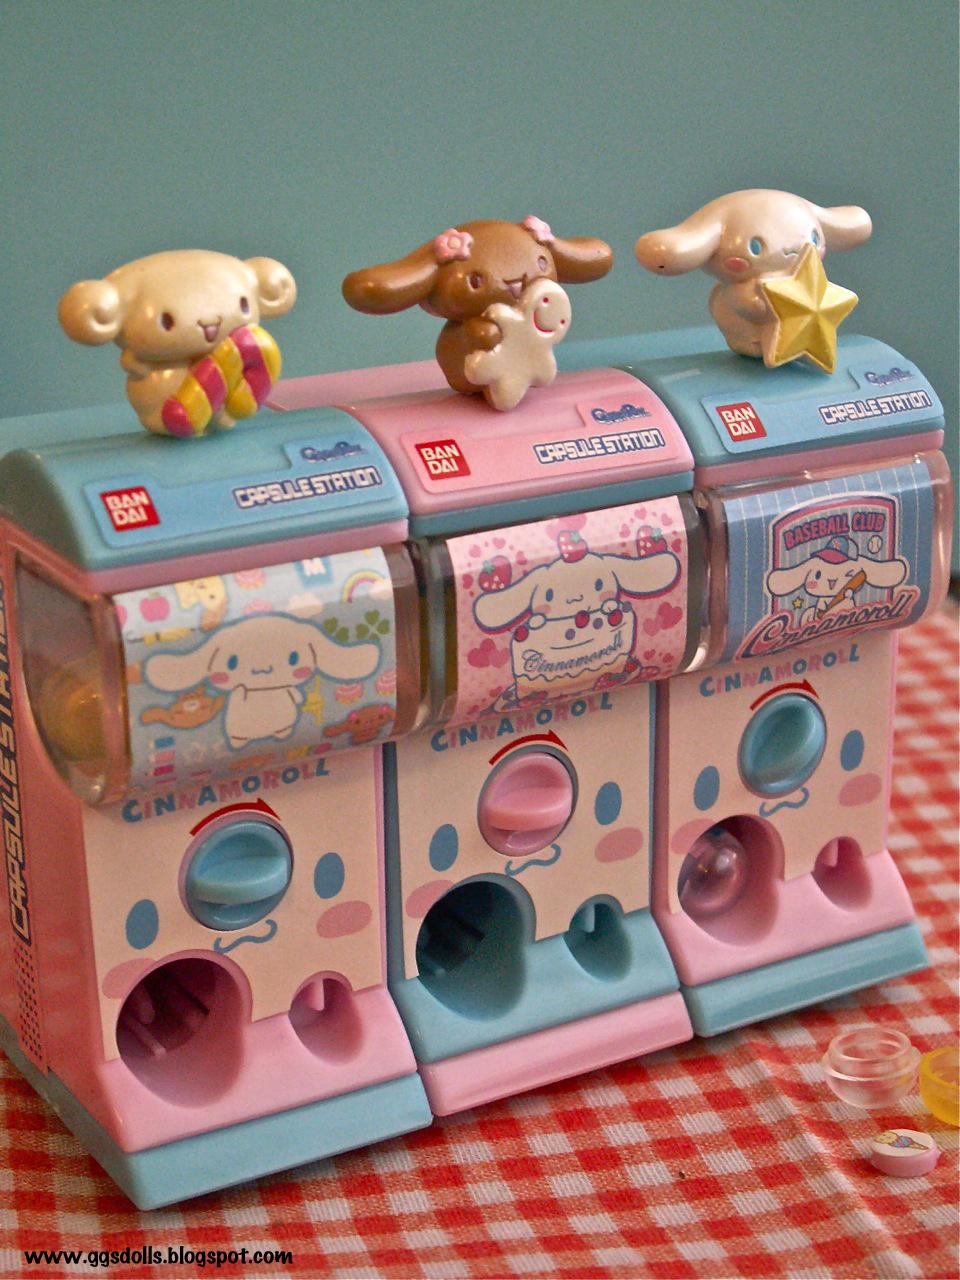 Japanese Capsule Toys : Ggsdolls gashapon gatcha mini capsule toy machines